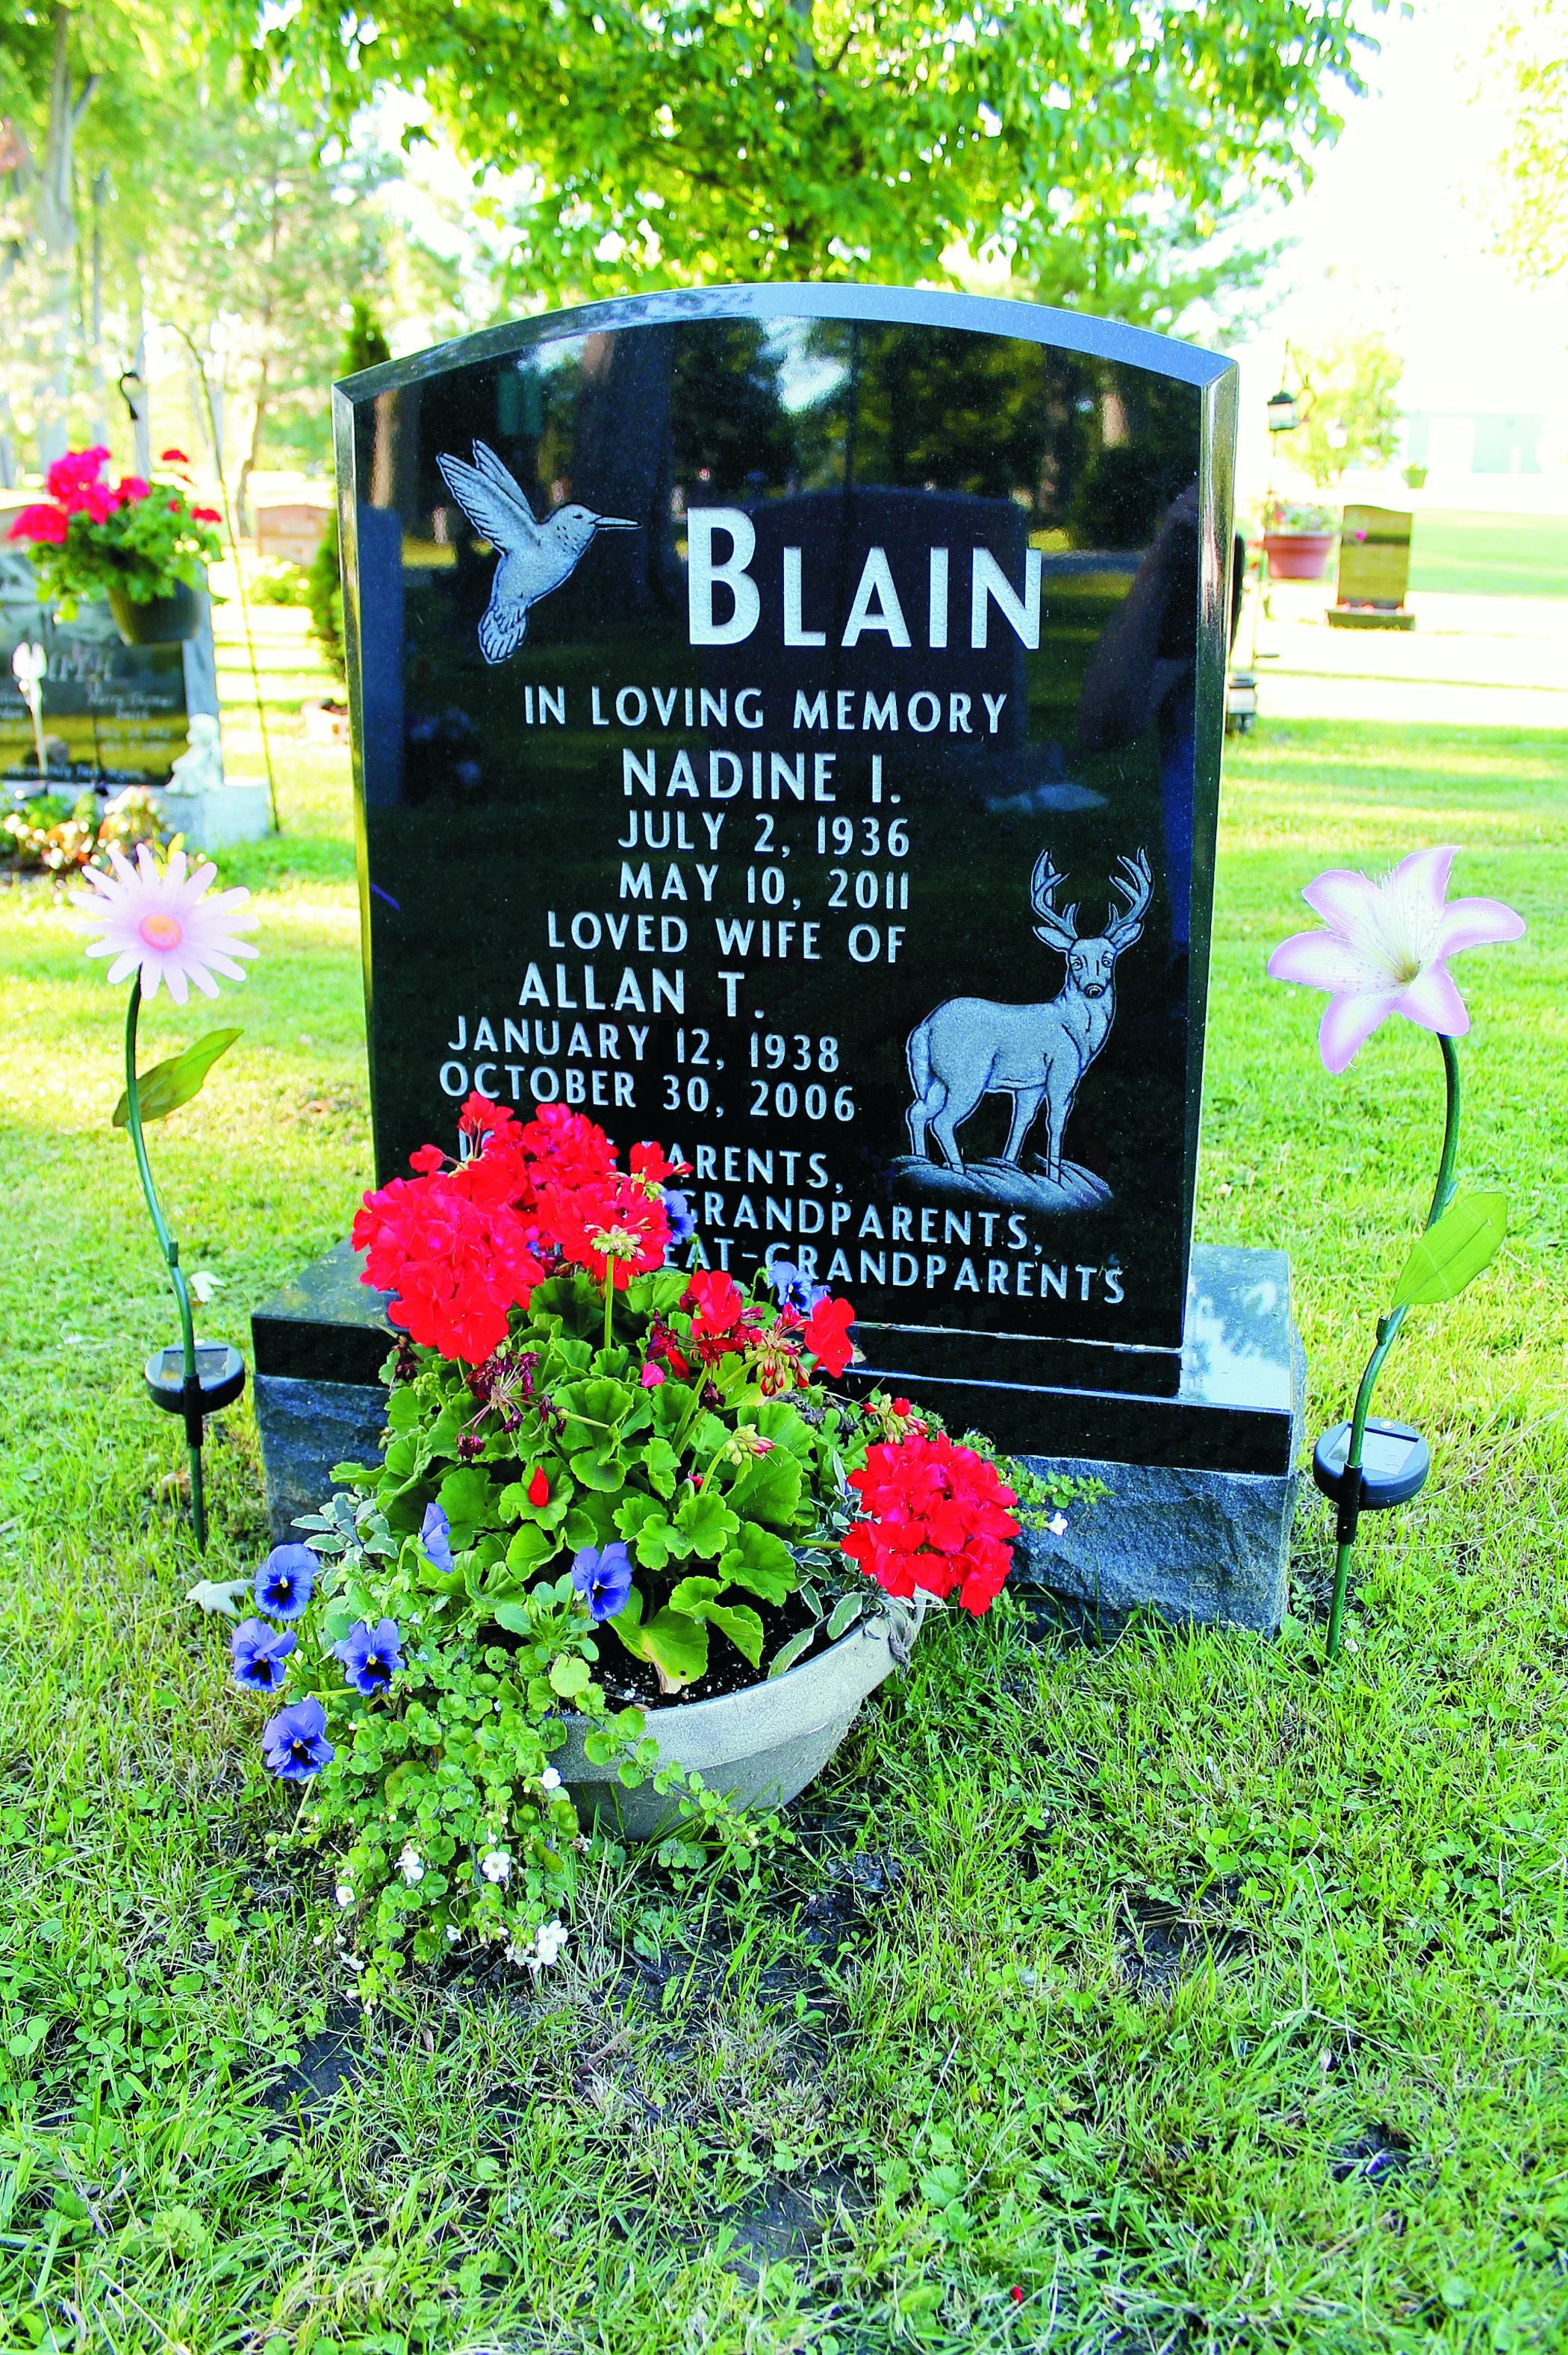 Blain